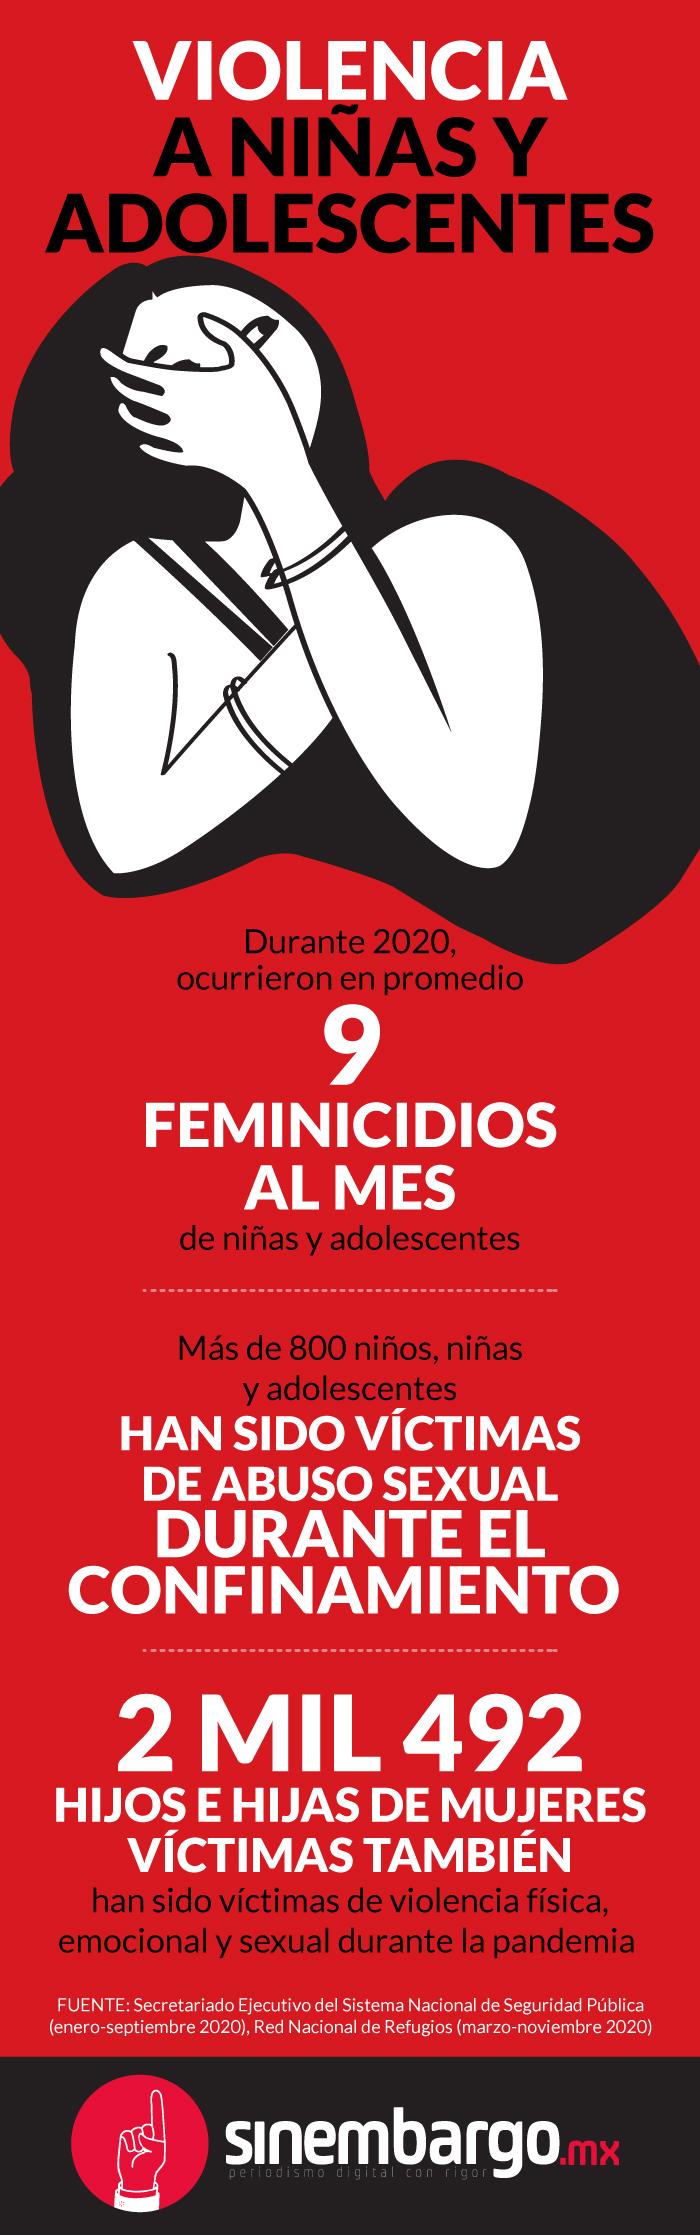 violencia mujeresconf 1 - El virus fue benévolo con niñas y adolescentes. Su país, no. En 2021 no verán el sol | #LaResistencia